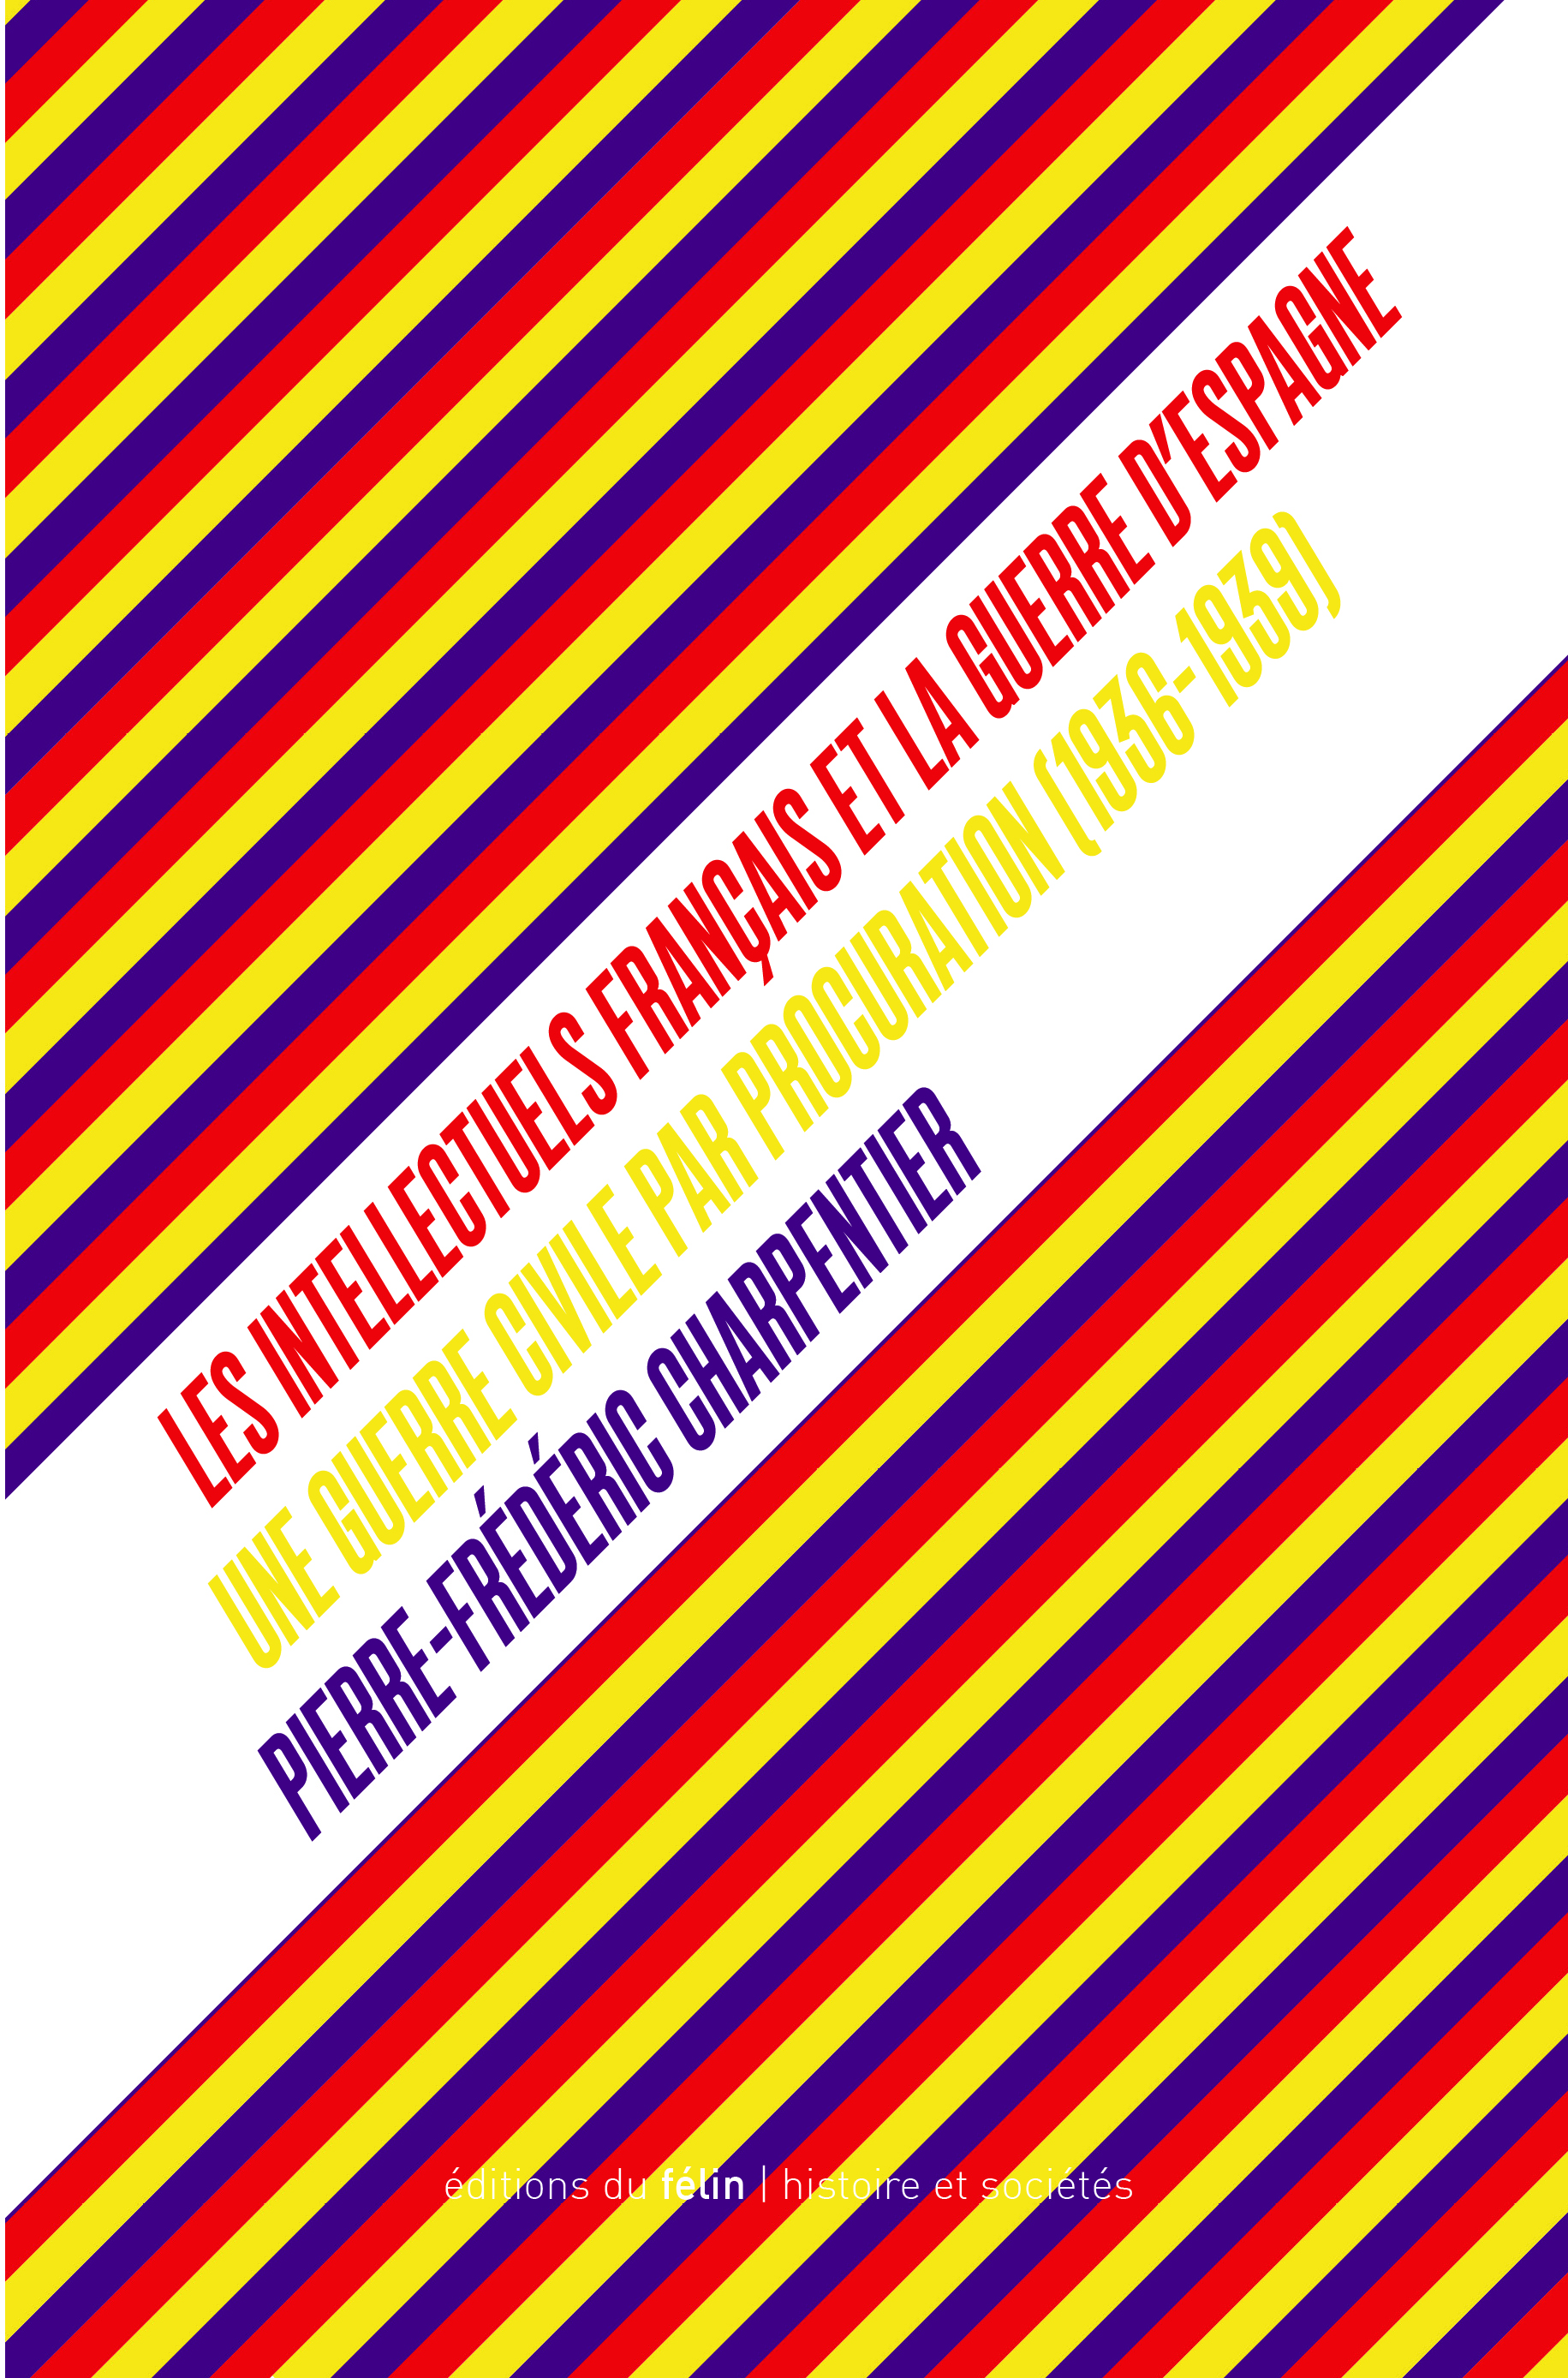 P.-F. Charpentier, Les Intellectuels français et la guerre d'Espagne. Une guerre civile par procuration (1936-1939)